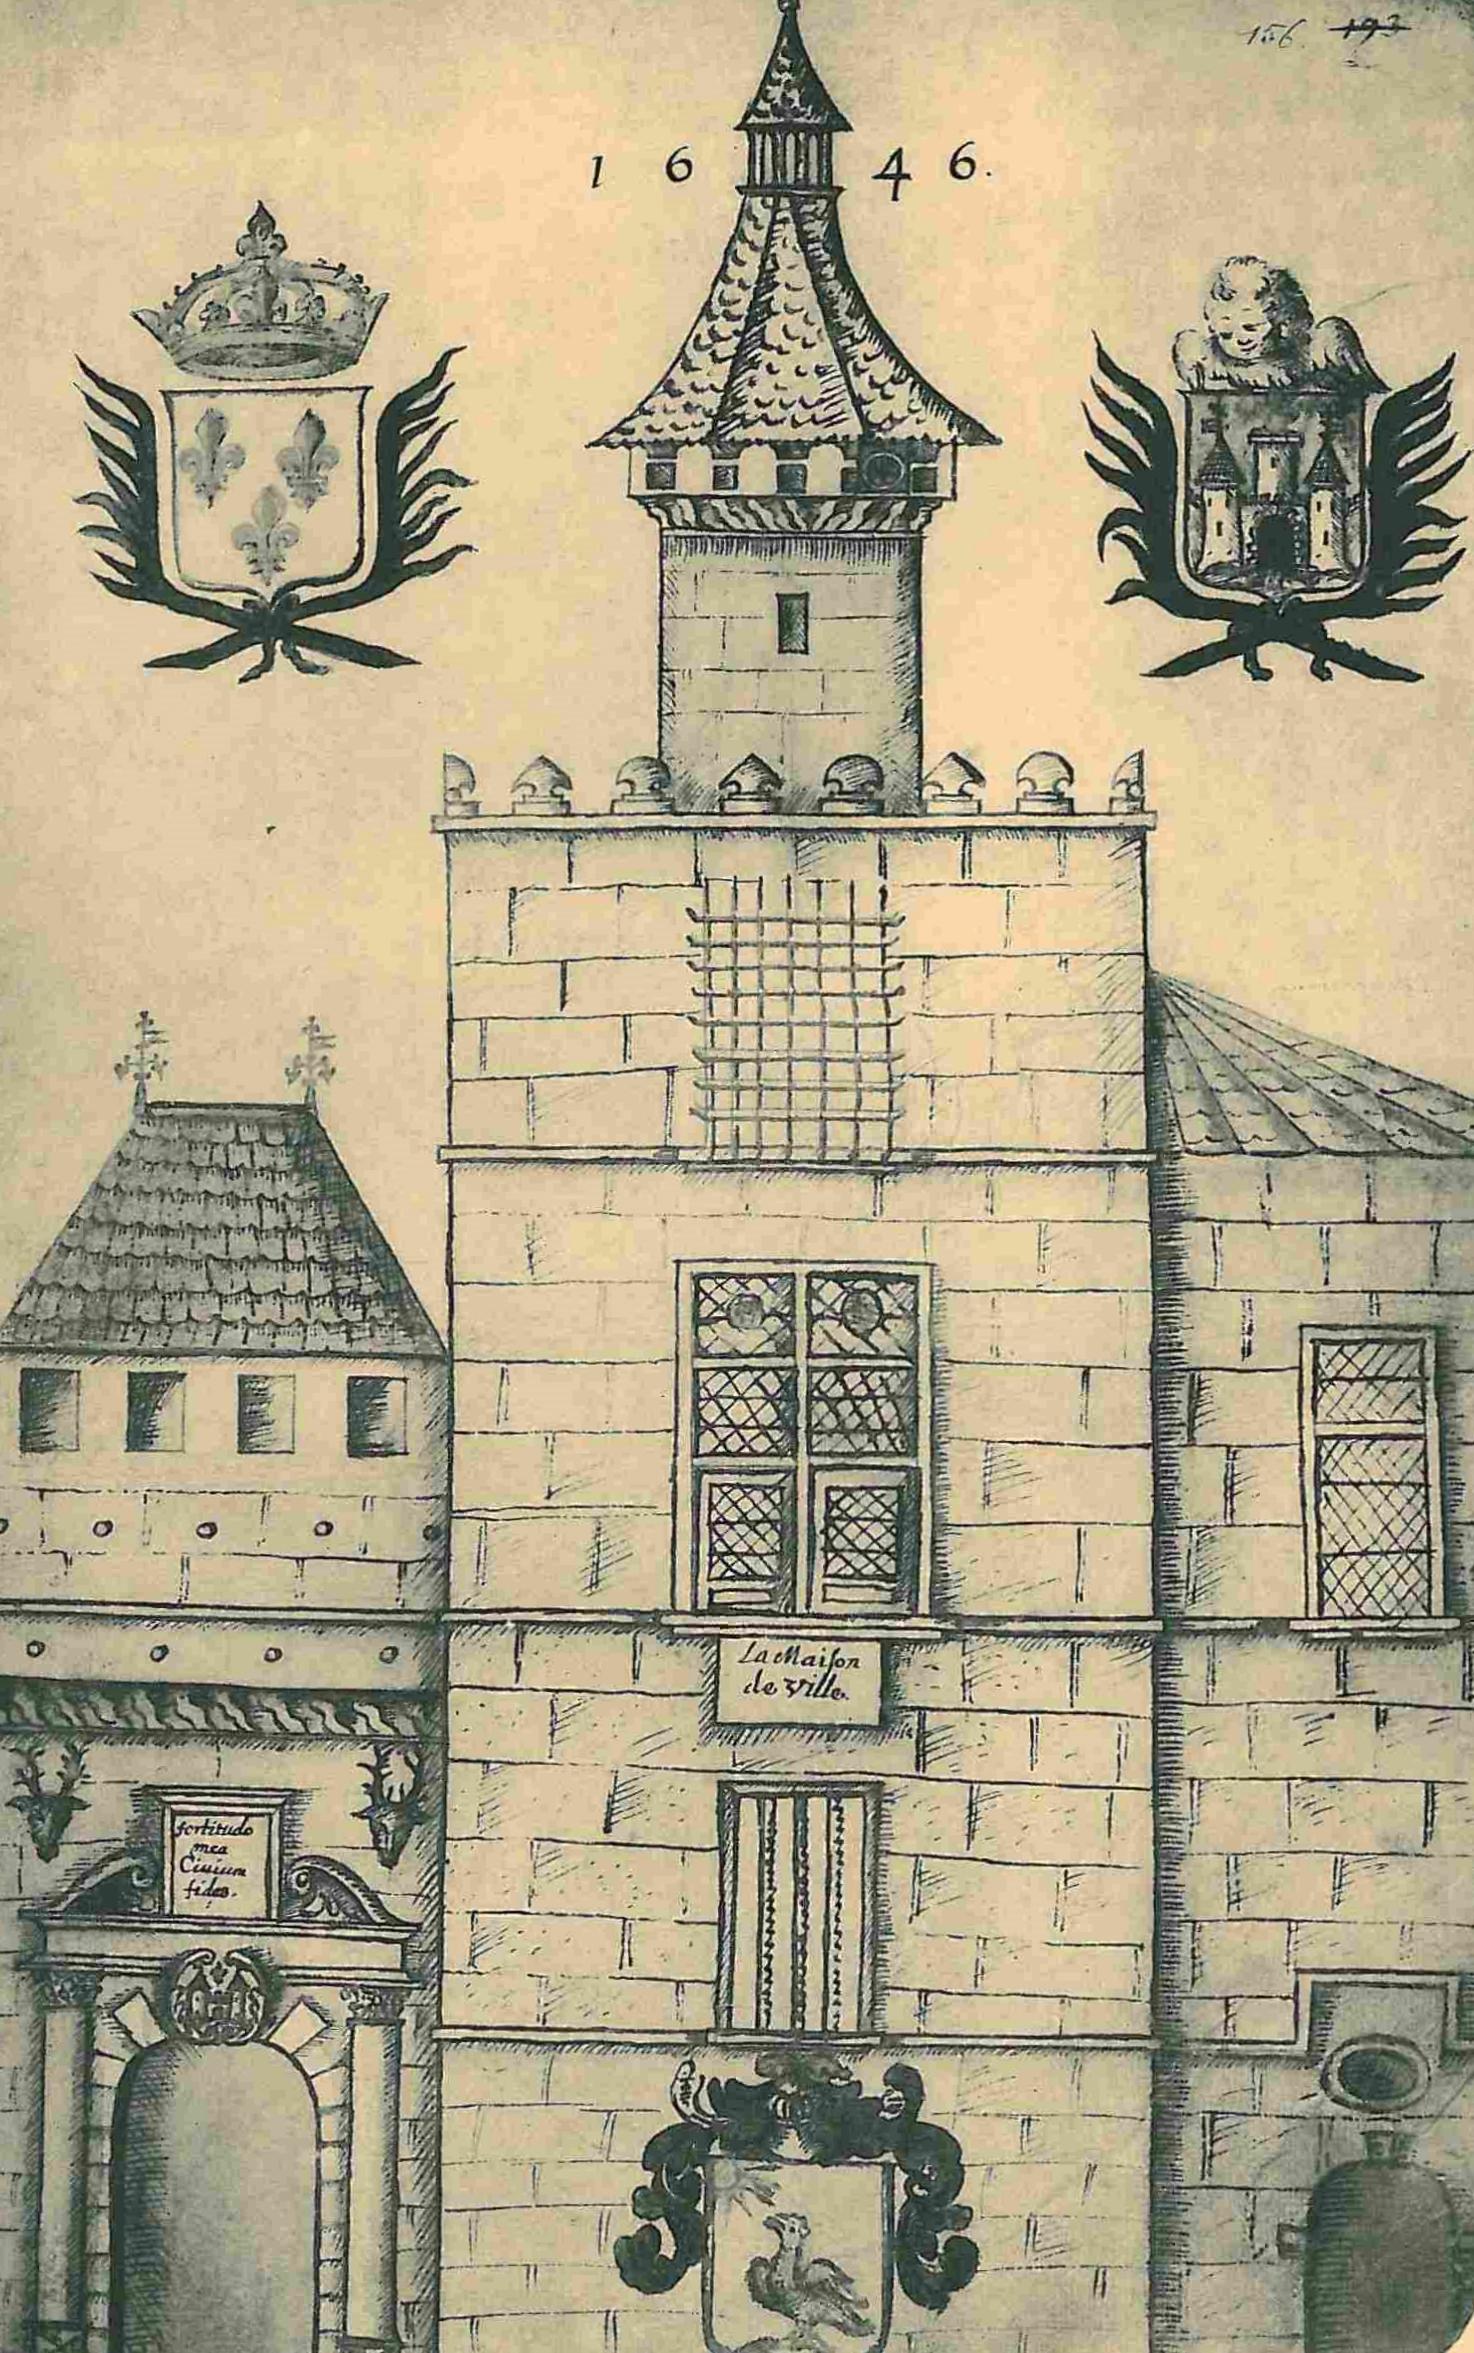 File:Périgueux place du Coderc, Consulat 1646.jpg